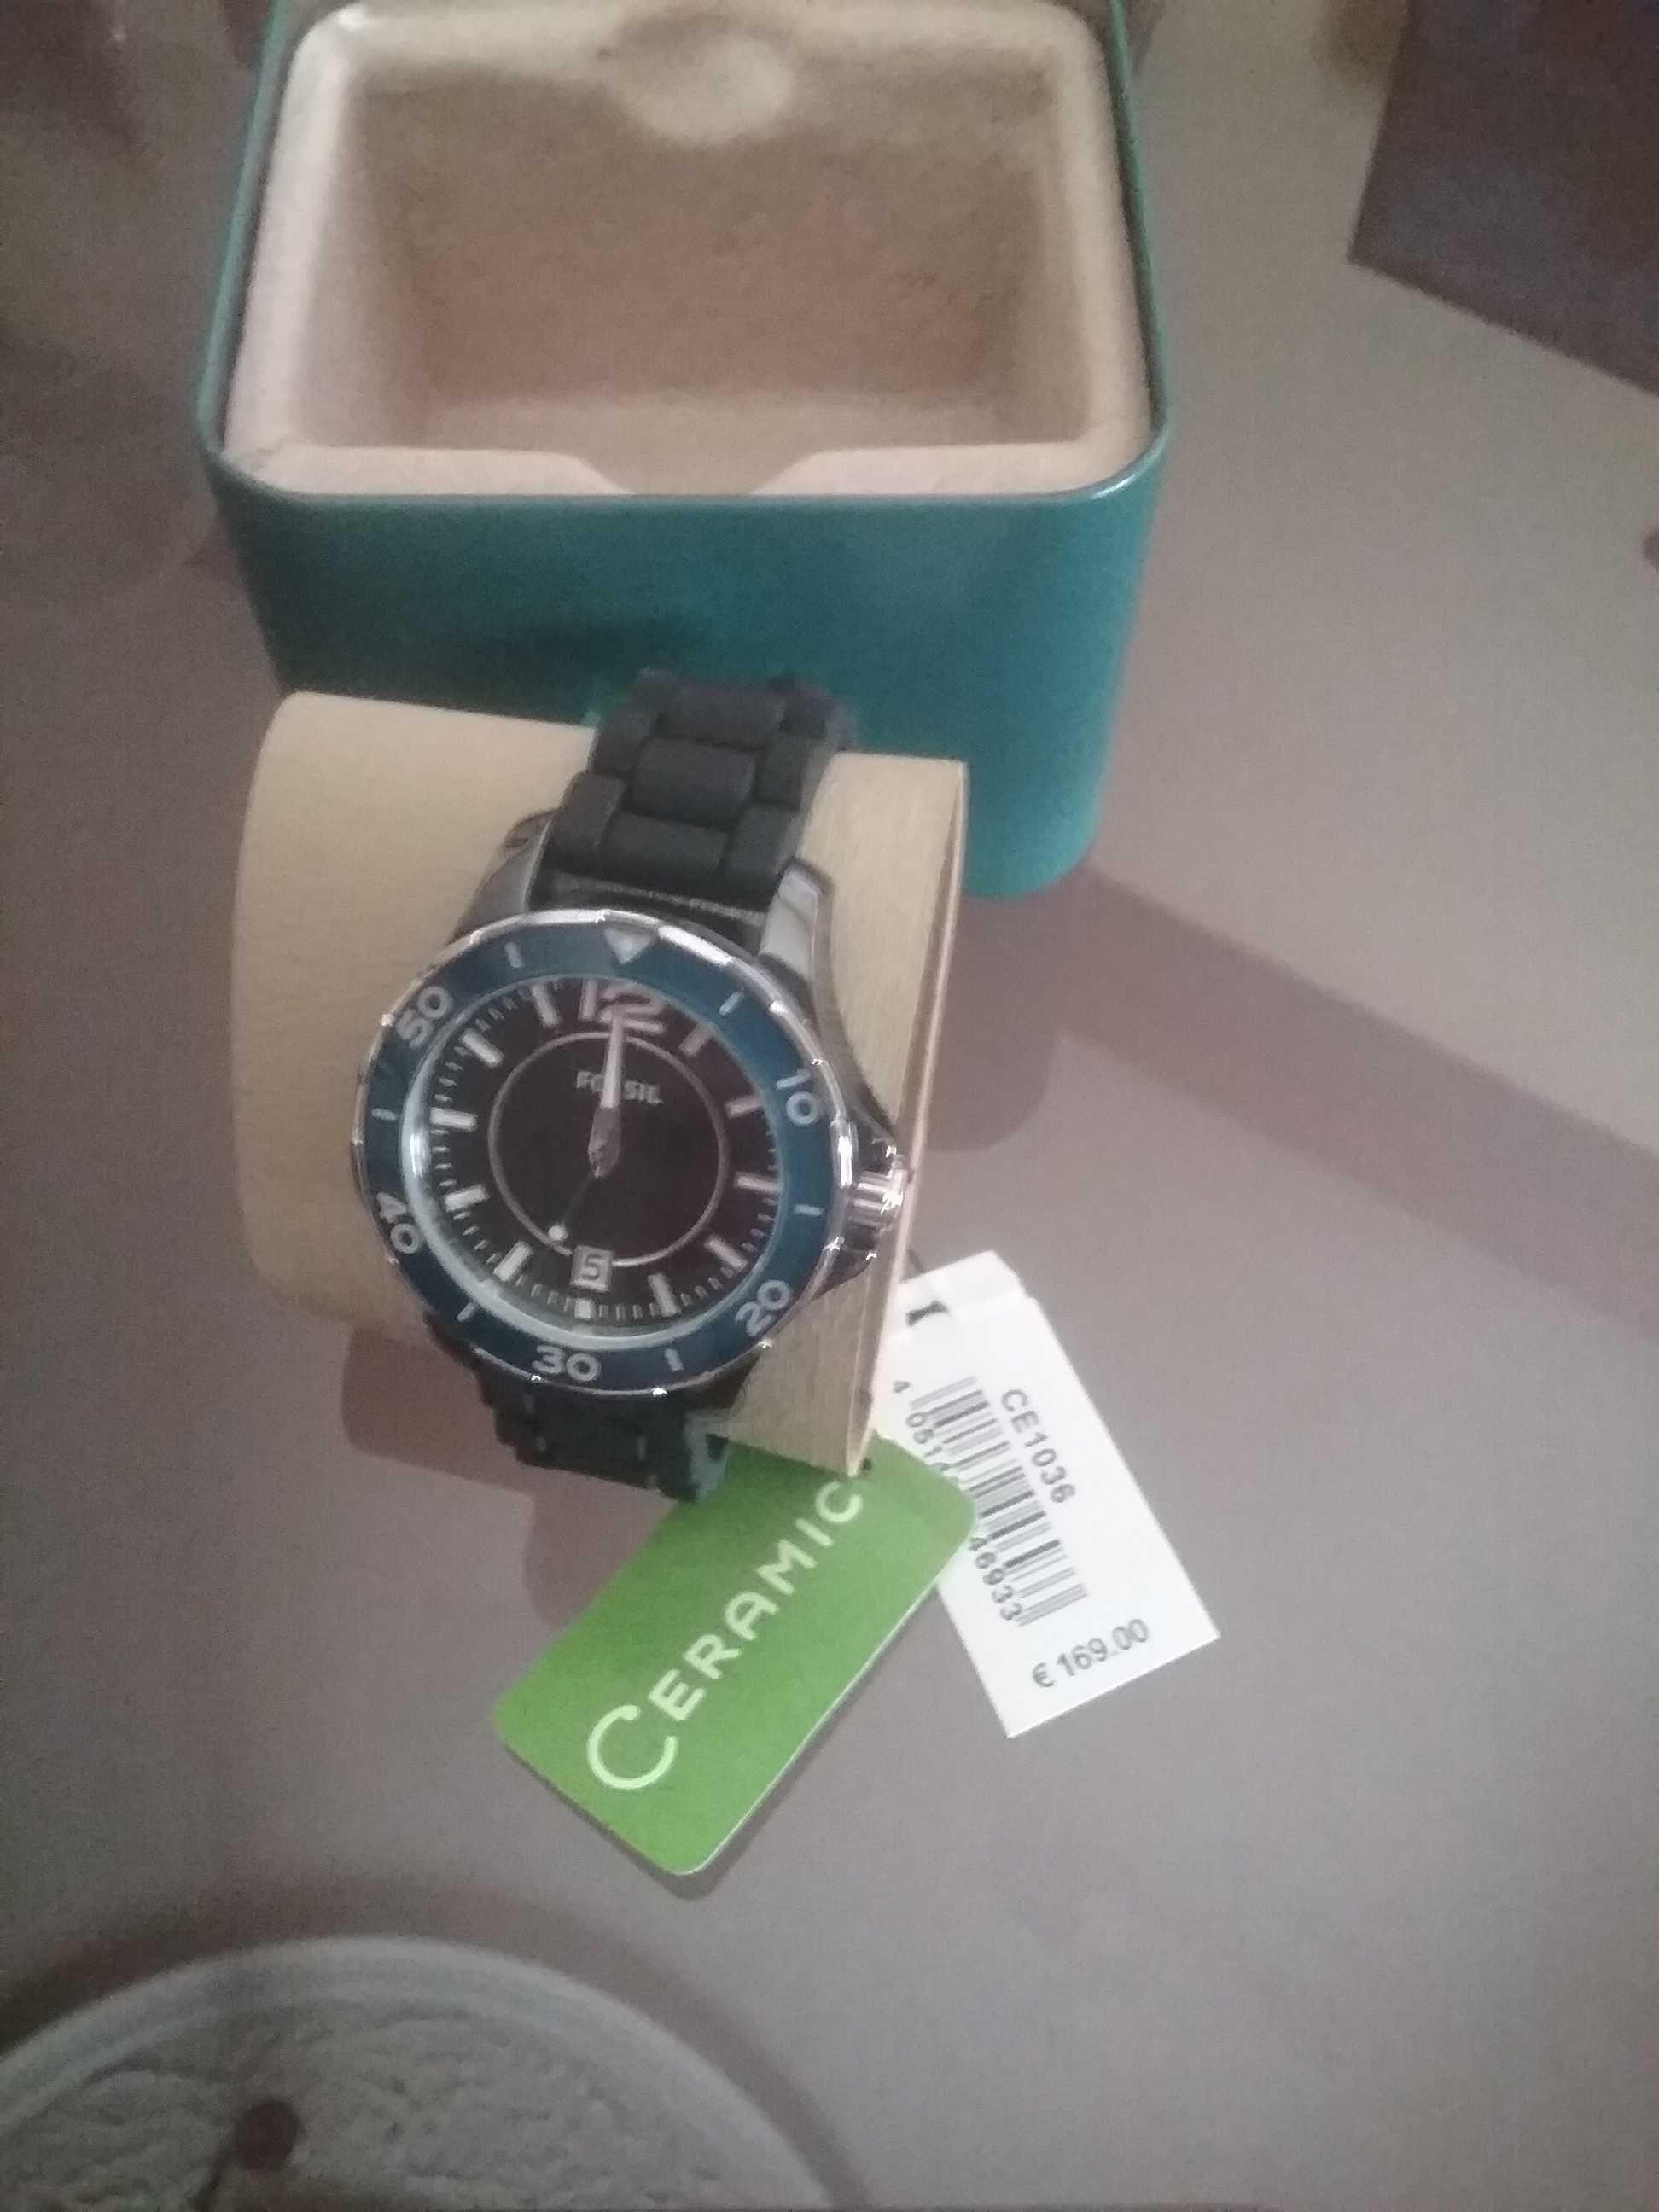 Relógio marca Fossil novo nunca usado 53% mais barato